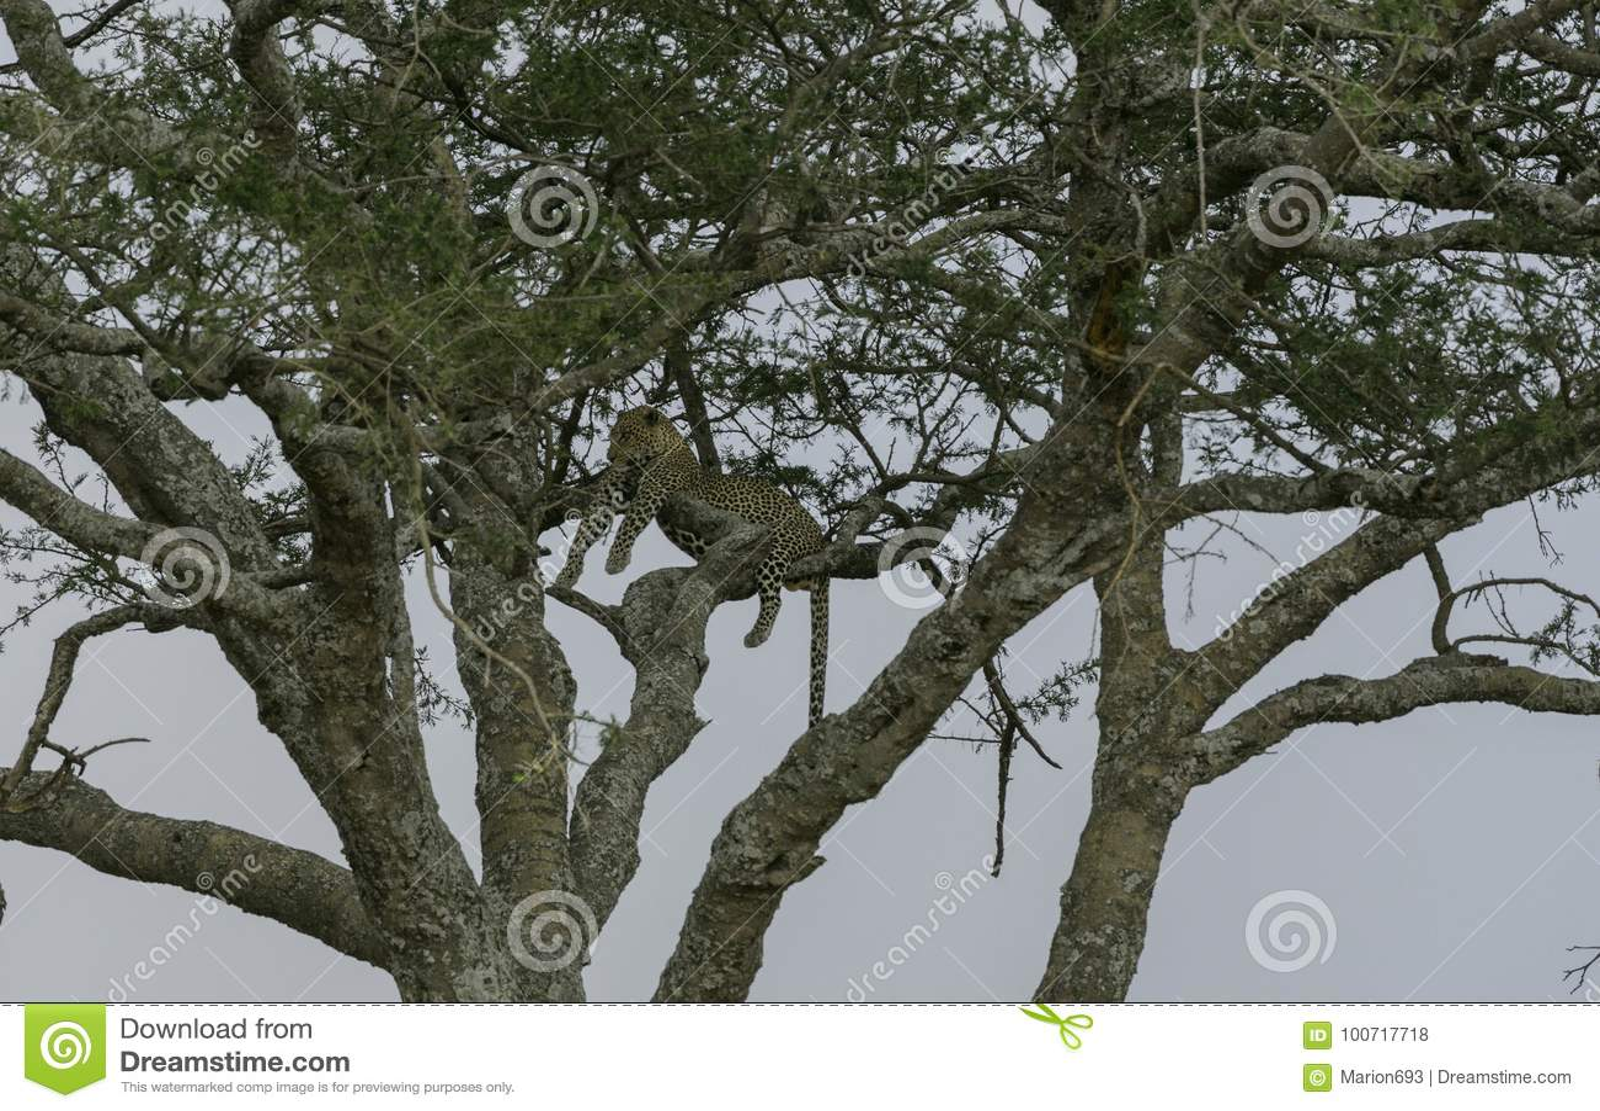 Leopardo alto acima na árvore, encontrando-se através do ramos, olhando à esquerda